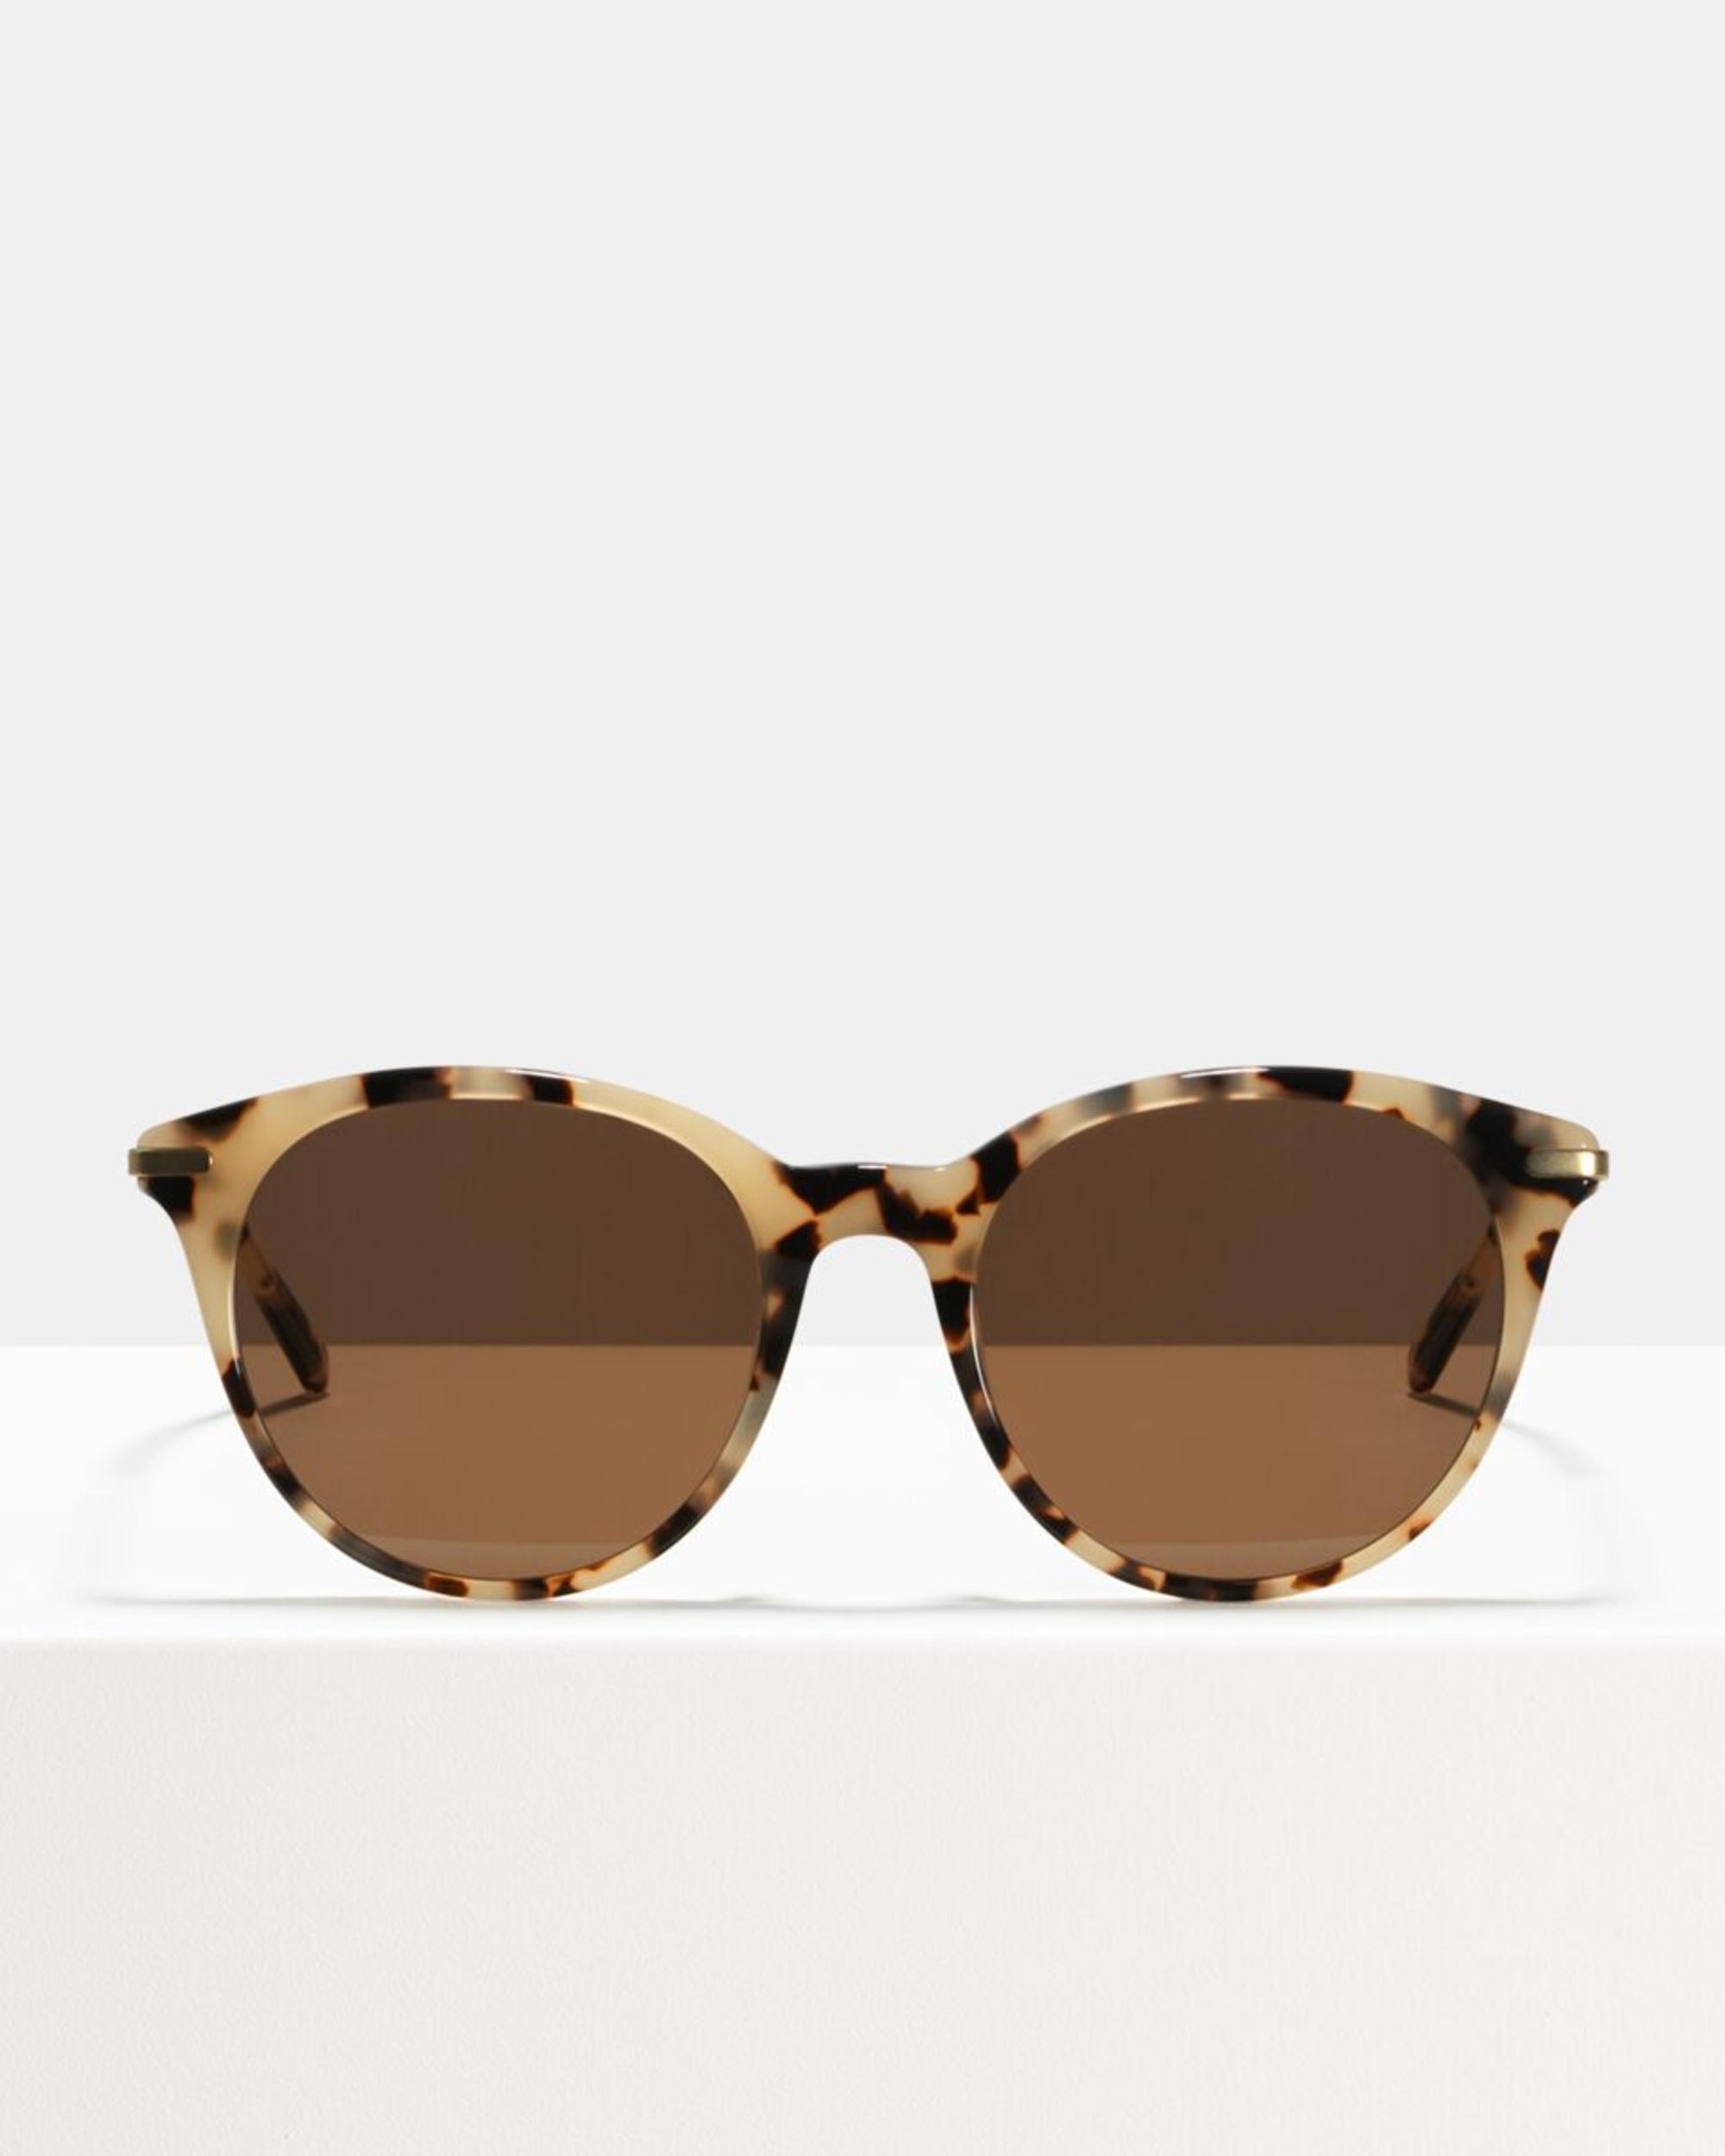 Ace & Tate Sunglasses | rund Acetat in Beige